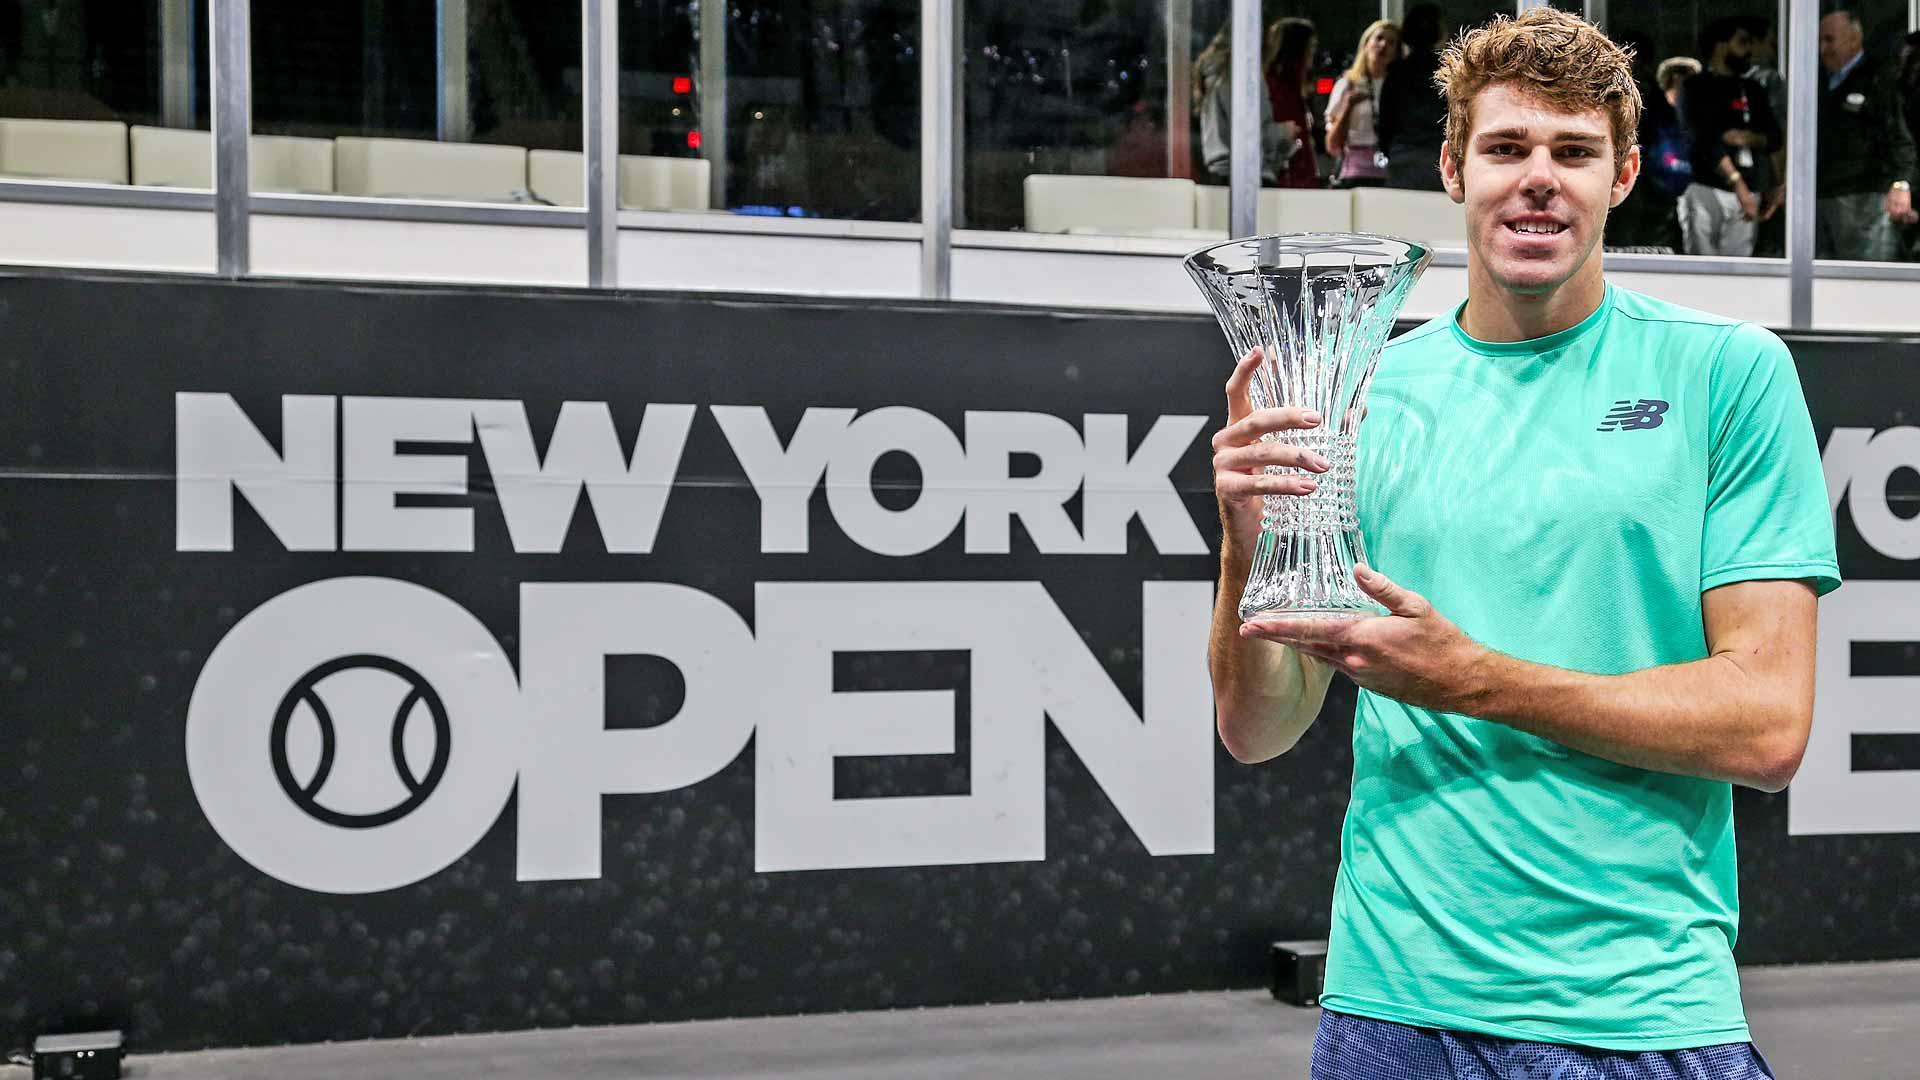 Opelka Wins 2019 <a href='https://www.atptour.com/en/tournaments/new-york/424/overview'>New York Open</a>